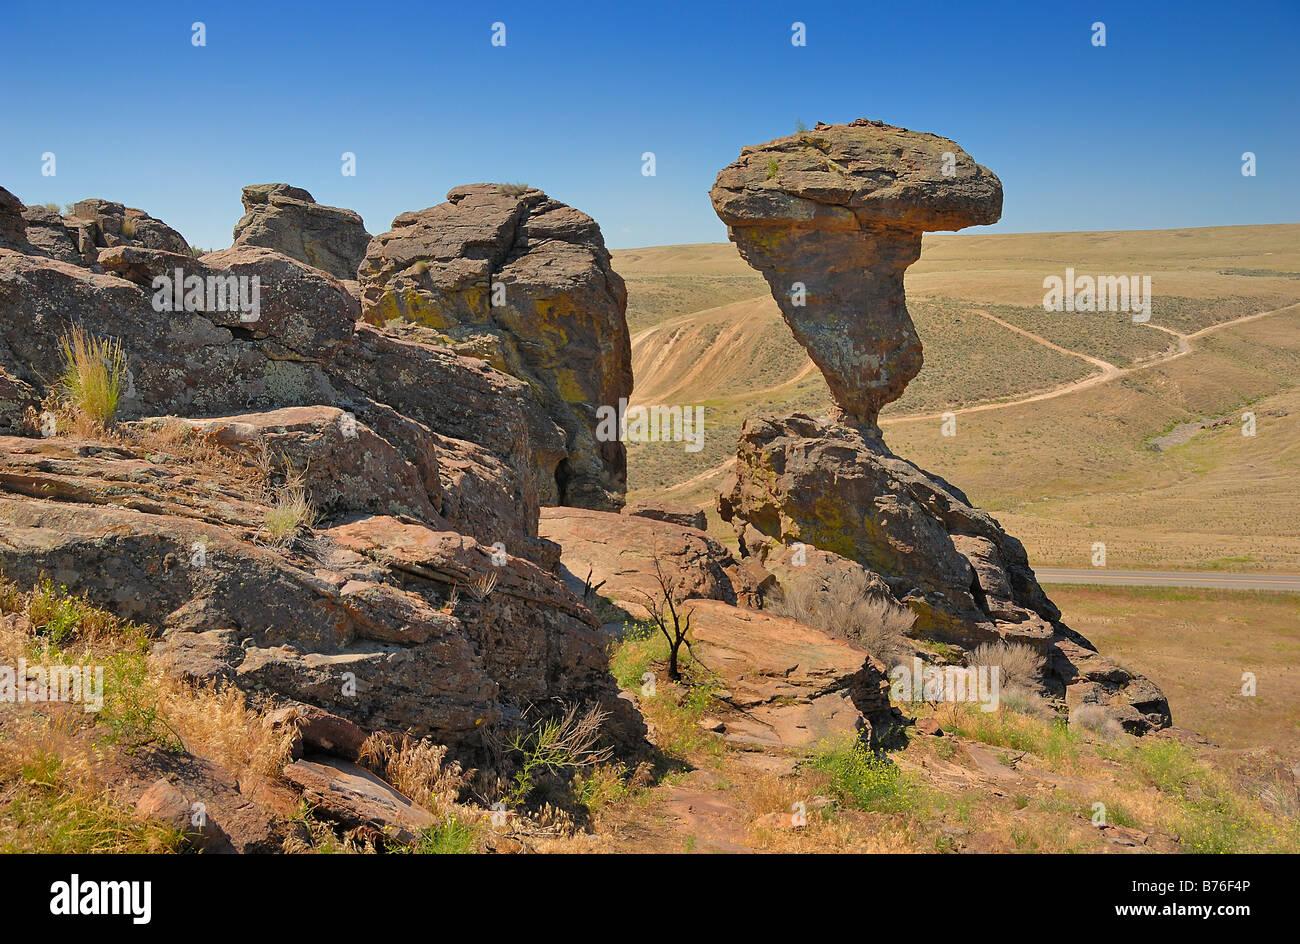 The Balanced Rock, near Twin Falls in Idaho, USA - Stock Image